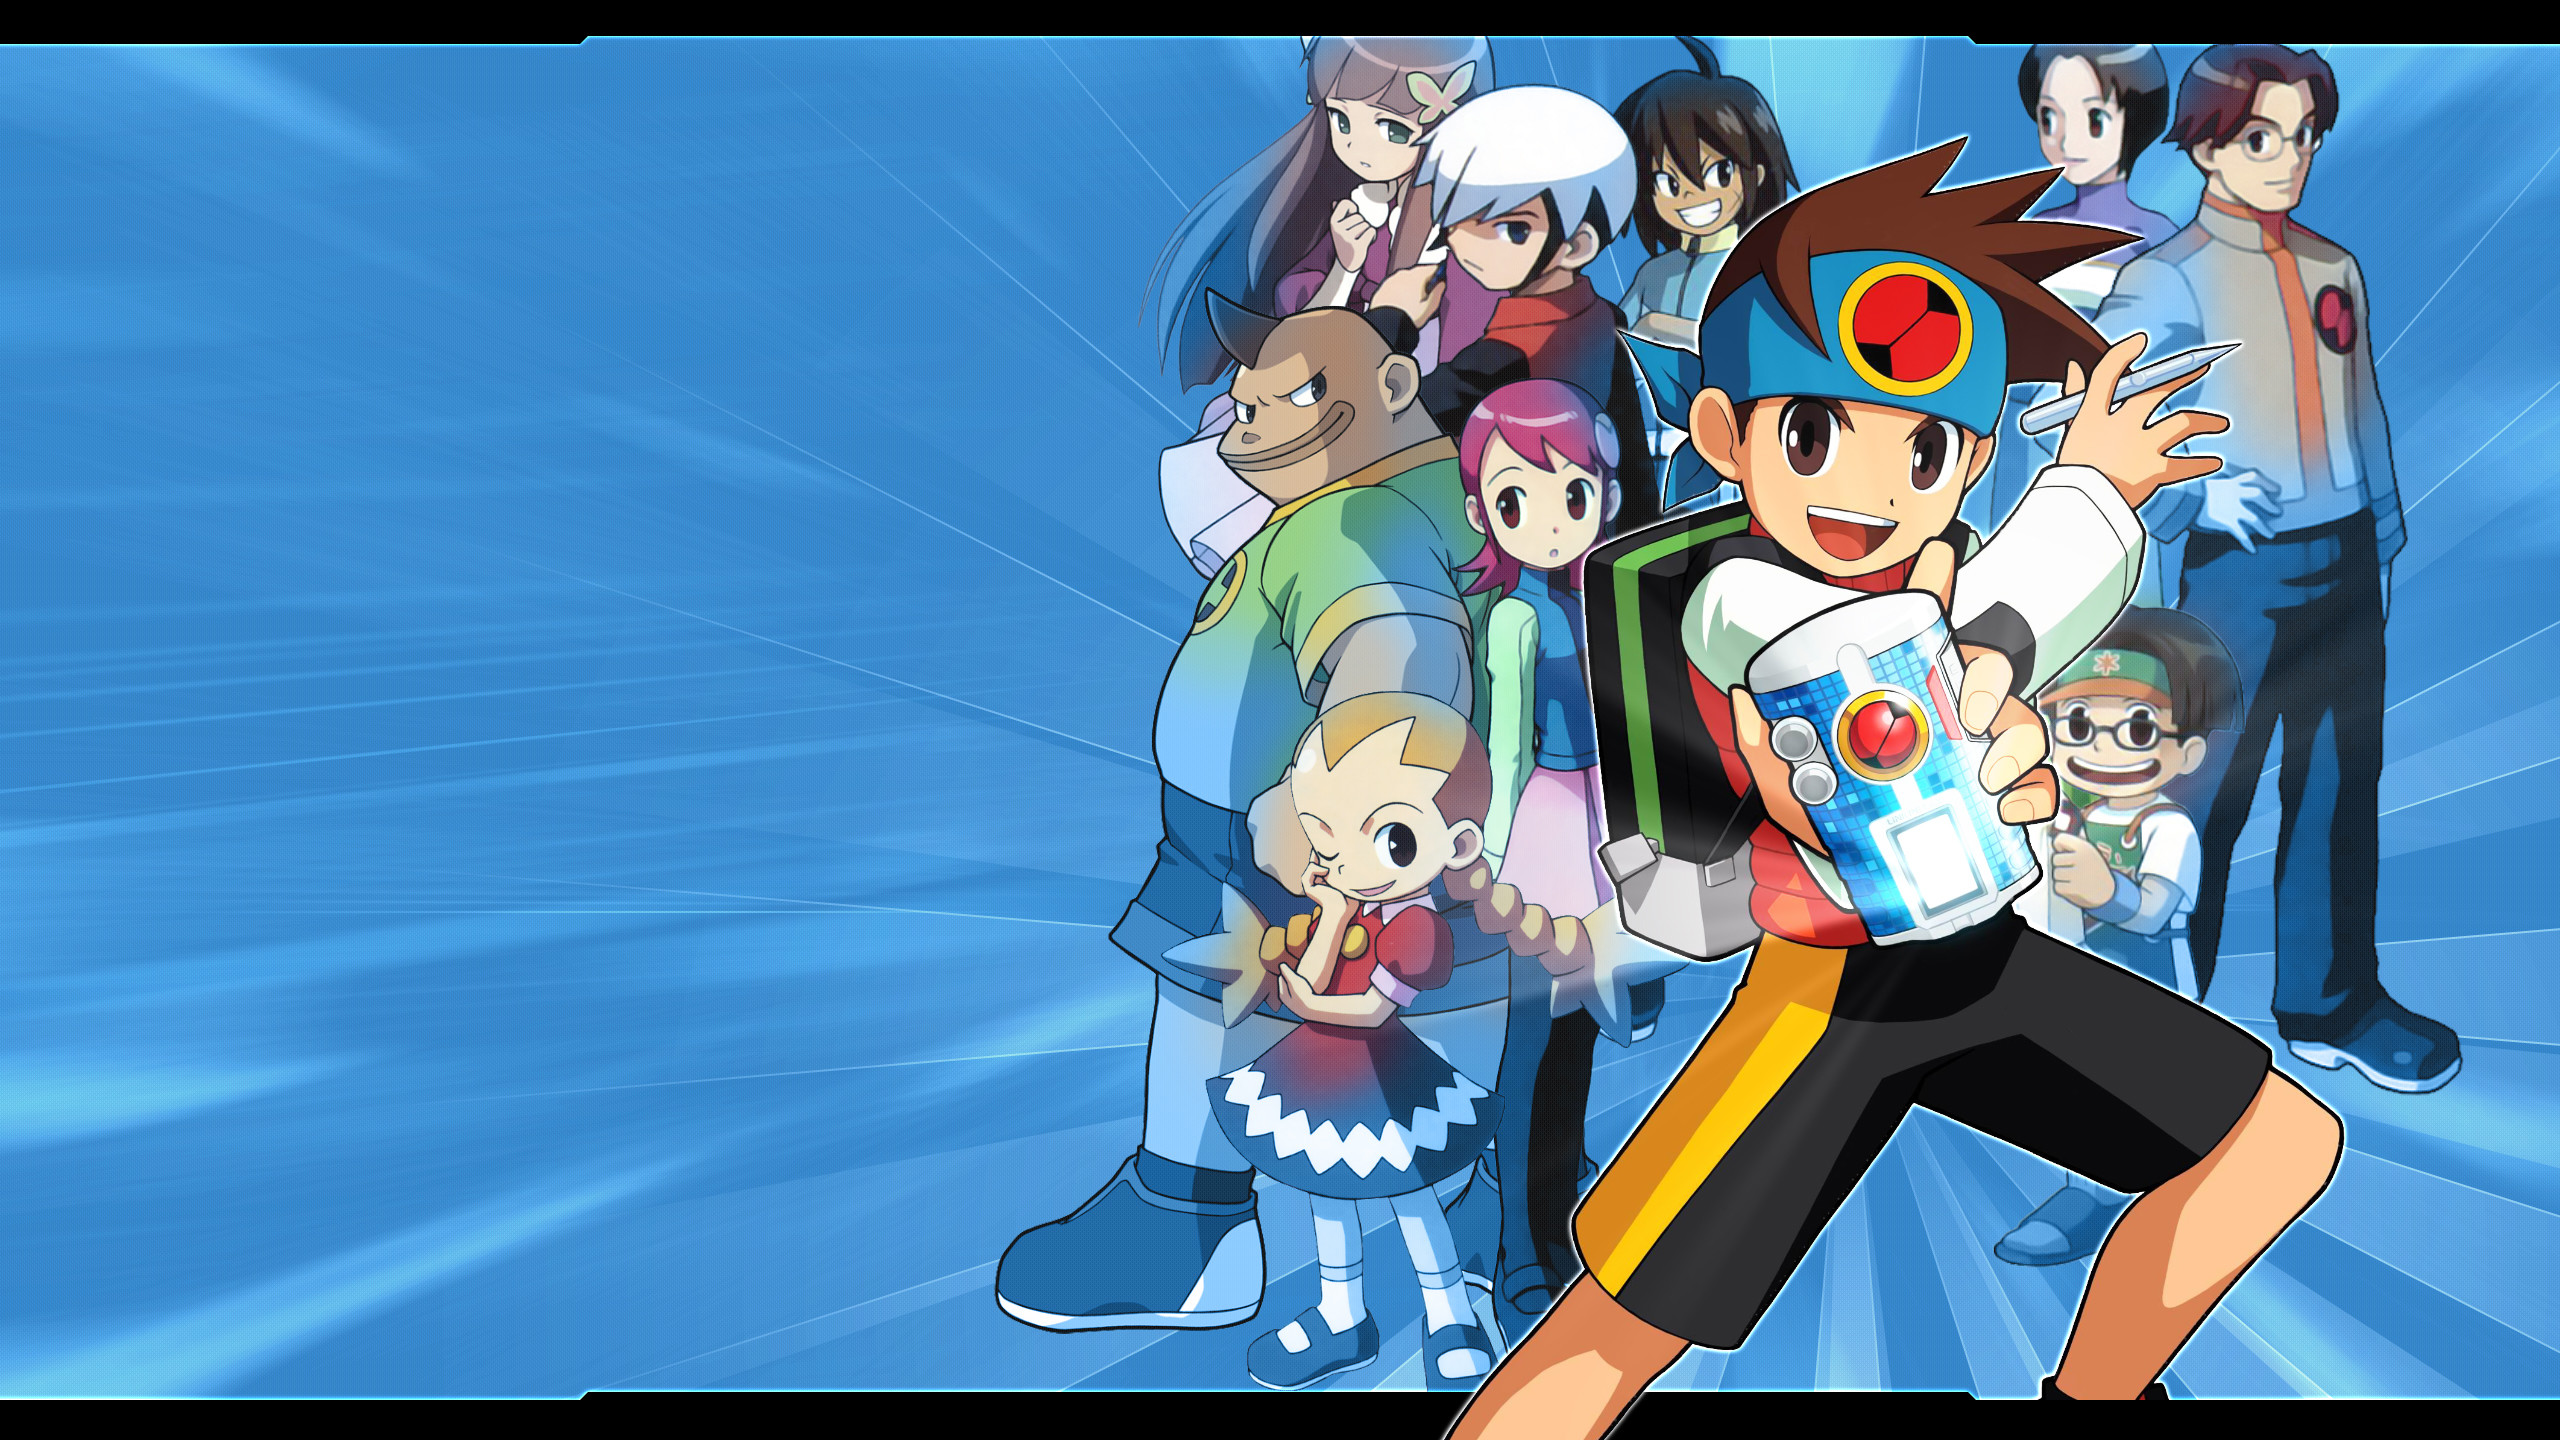 Mega Man 1 Wallpaper (68+ images)